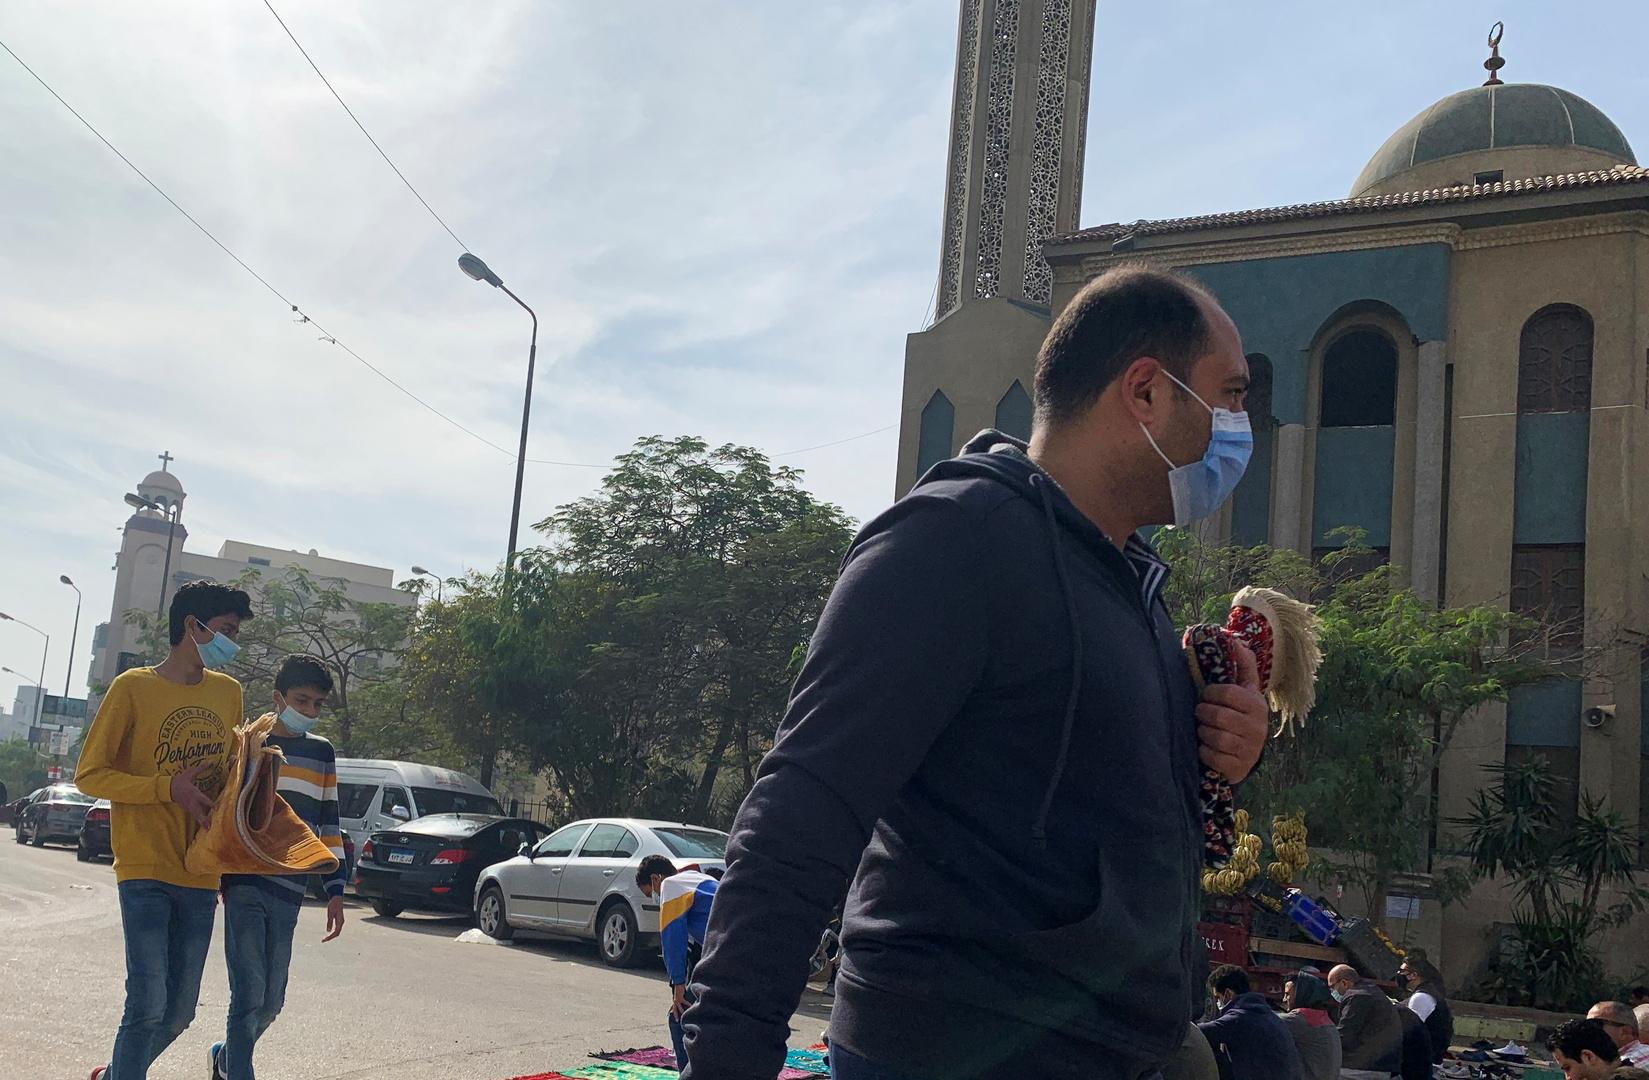 مصر.. كاميرا مراقبة تضبط فعلا صادما داخل مسجد (فيديو)